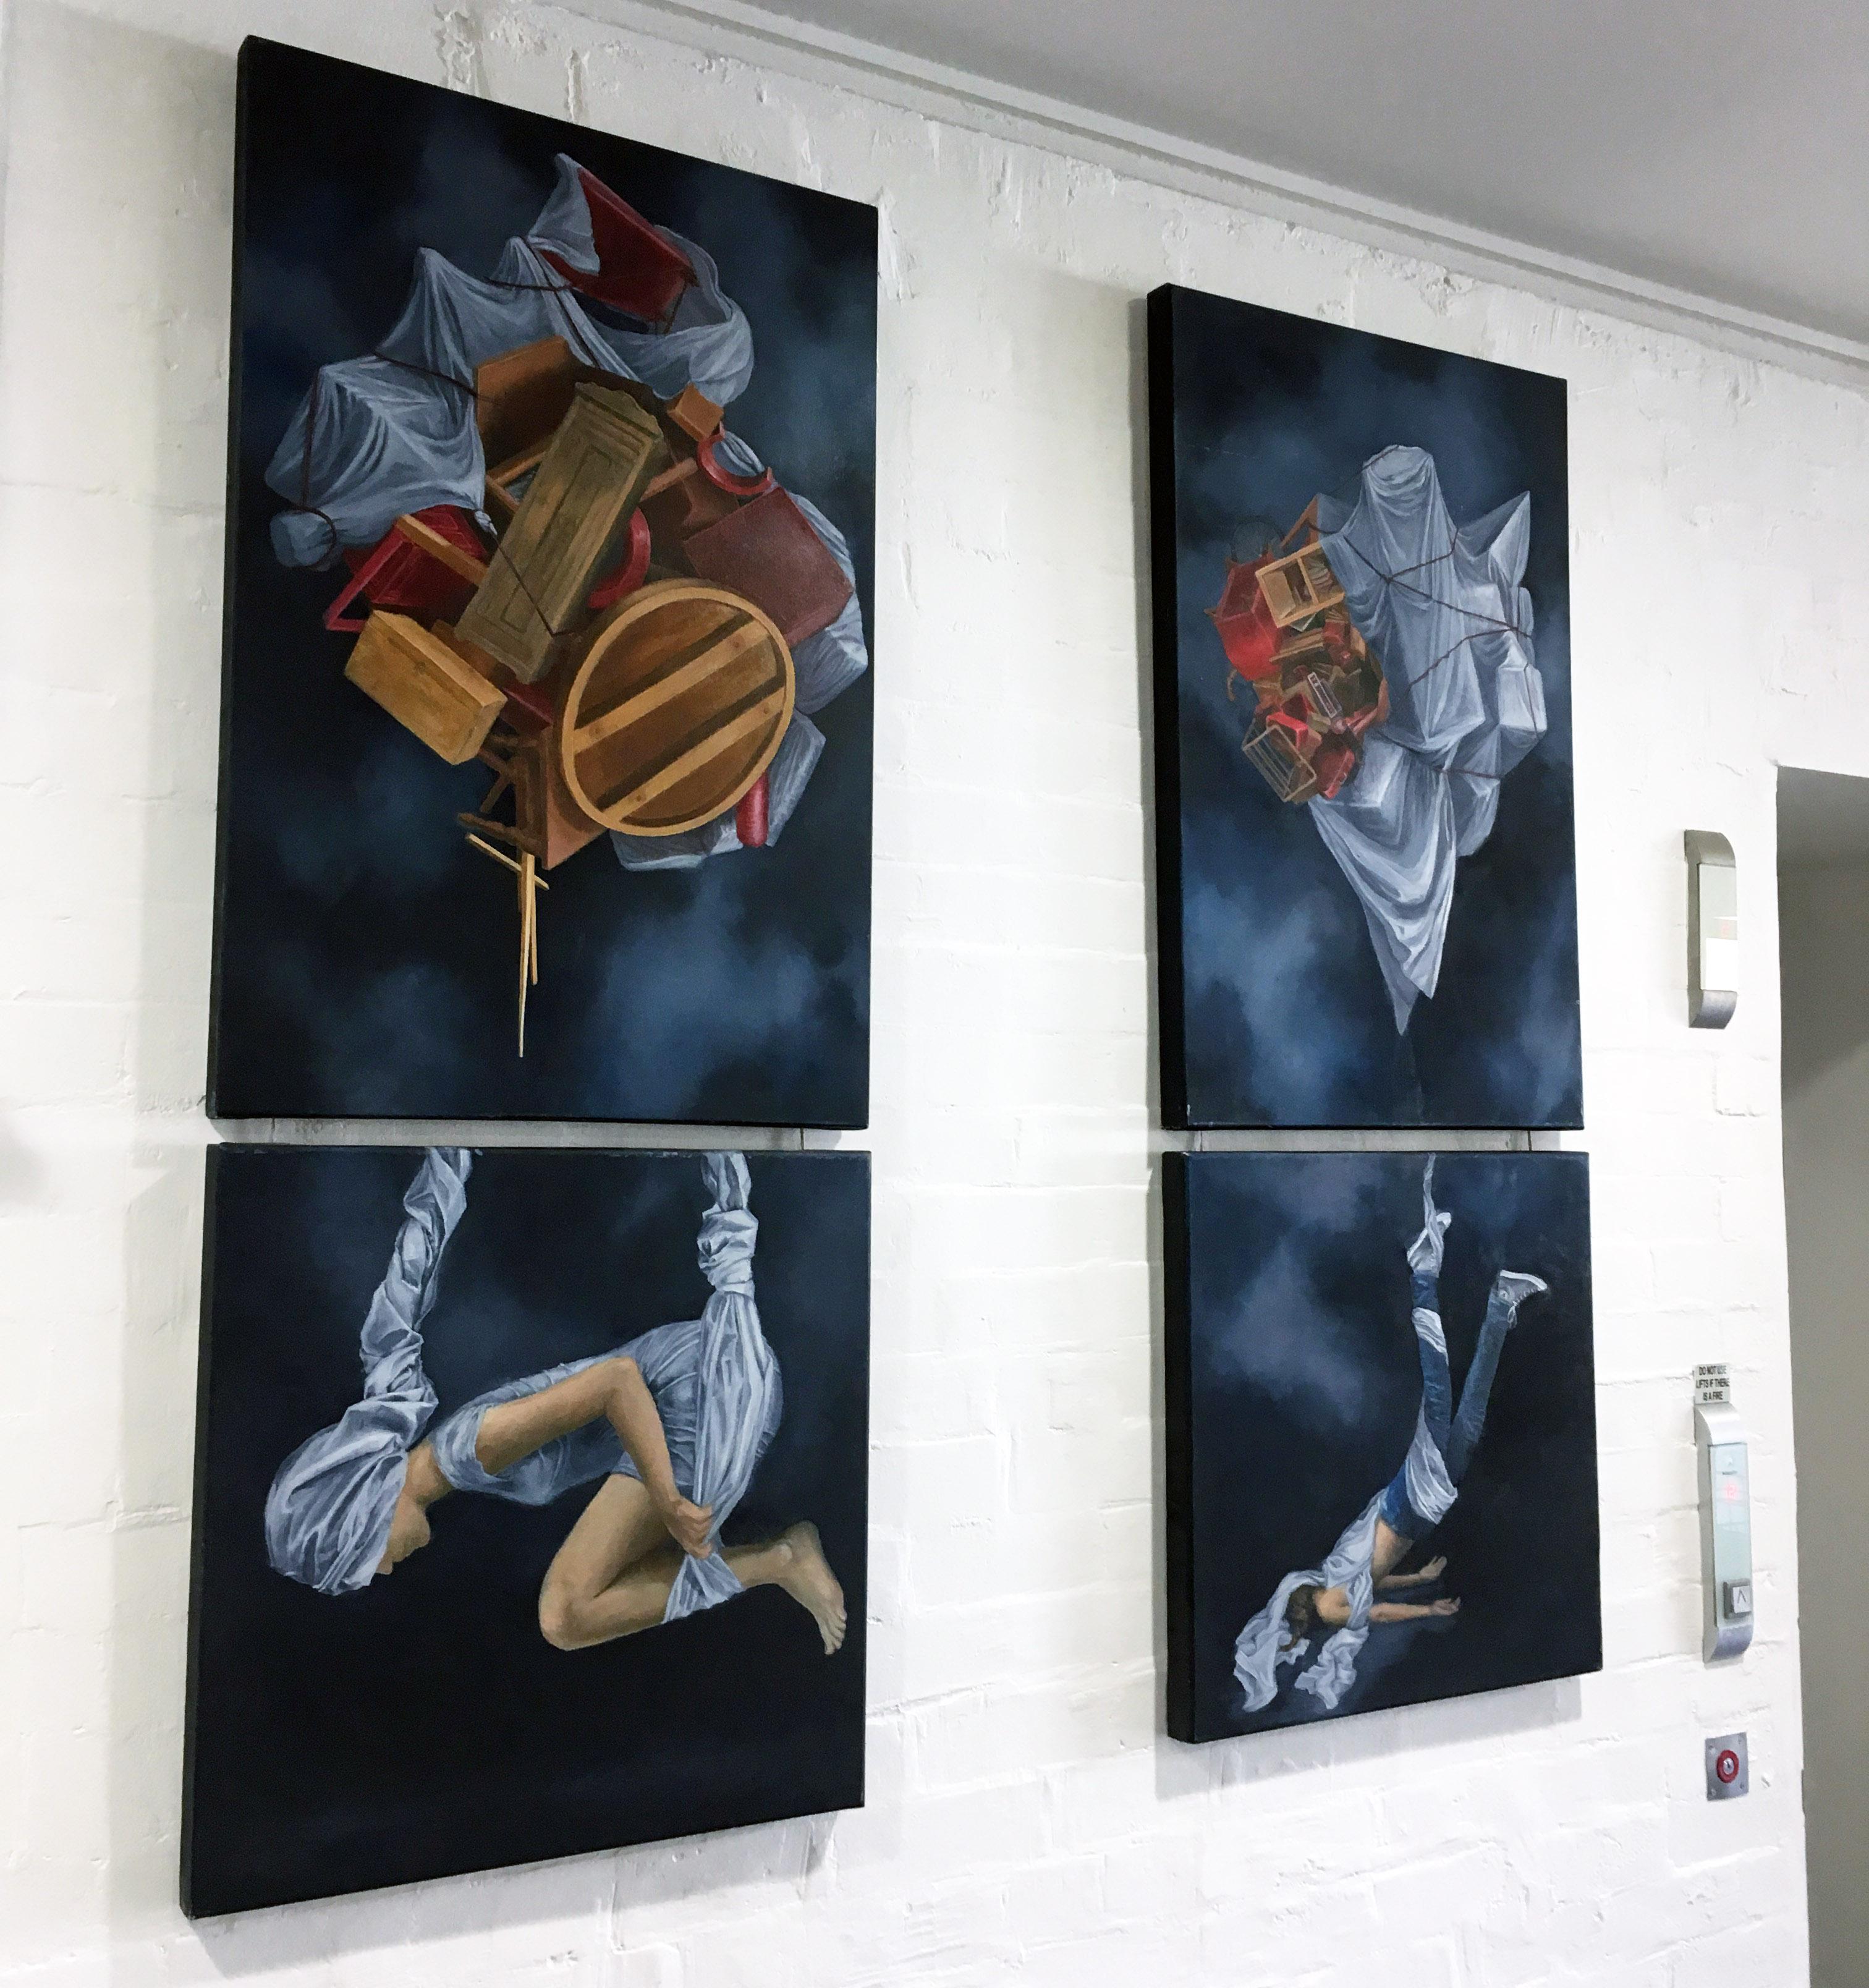 igs-imaginarium-art-works-4